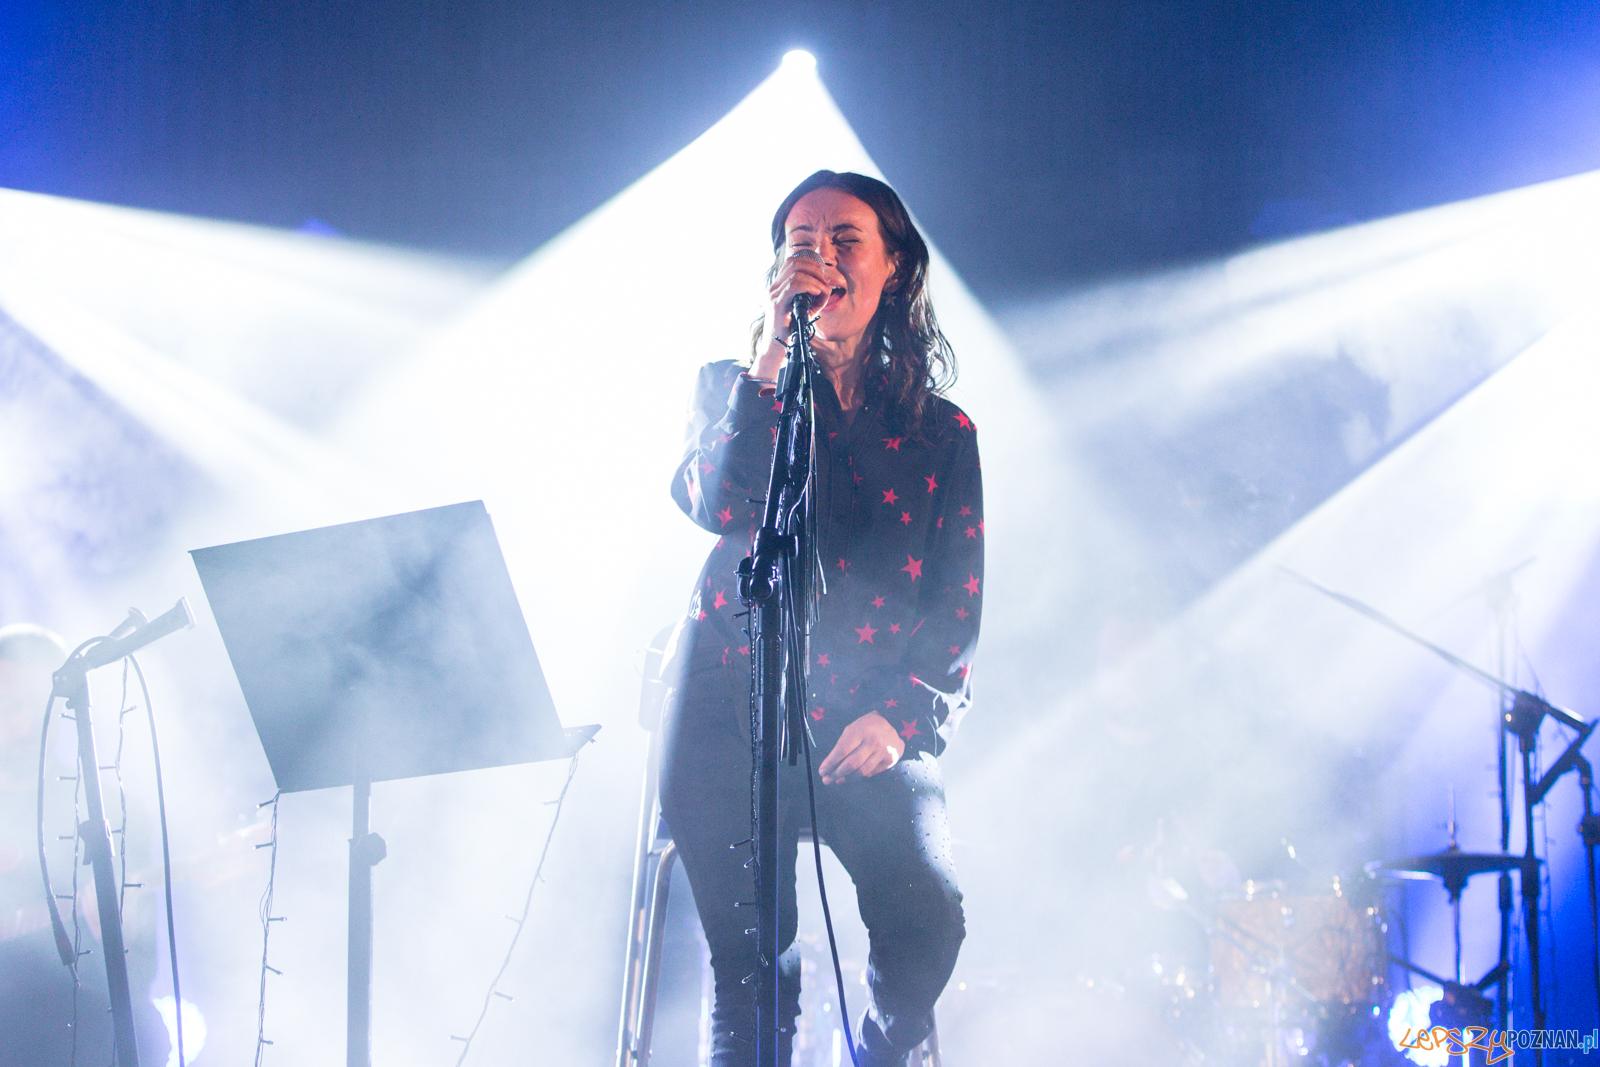 """Kasia Kowalska - """"Aya Tour""""Aula UAM - Poznań 19.02.2019 r.  Foto: LepszyPOZNAN.pl / Paweł Rychter"""